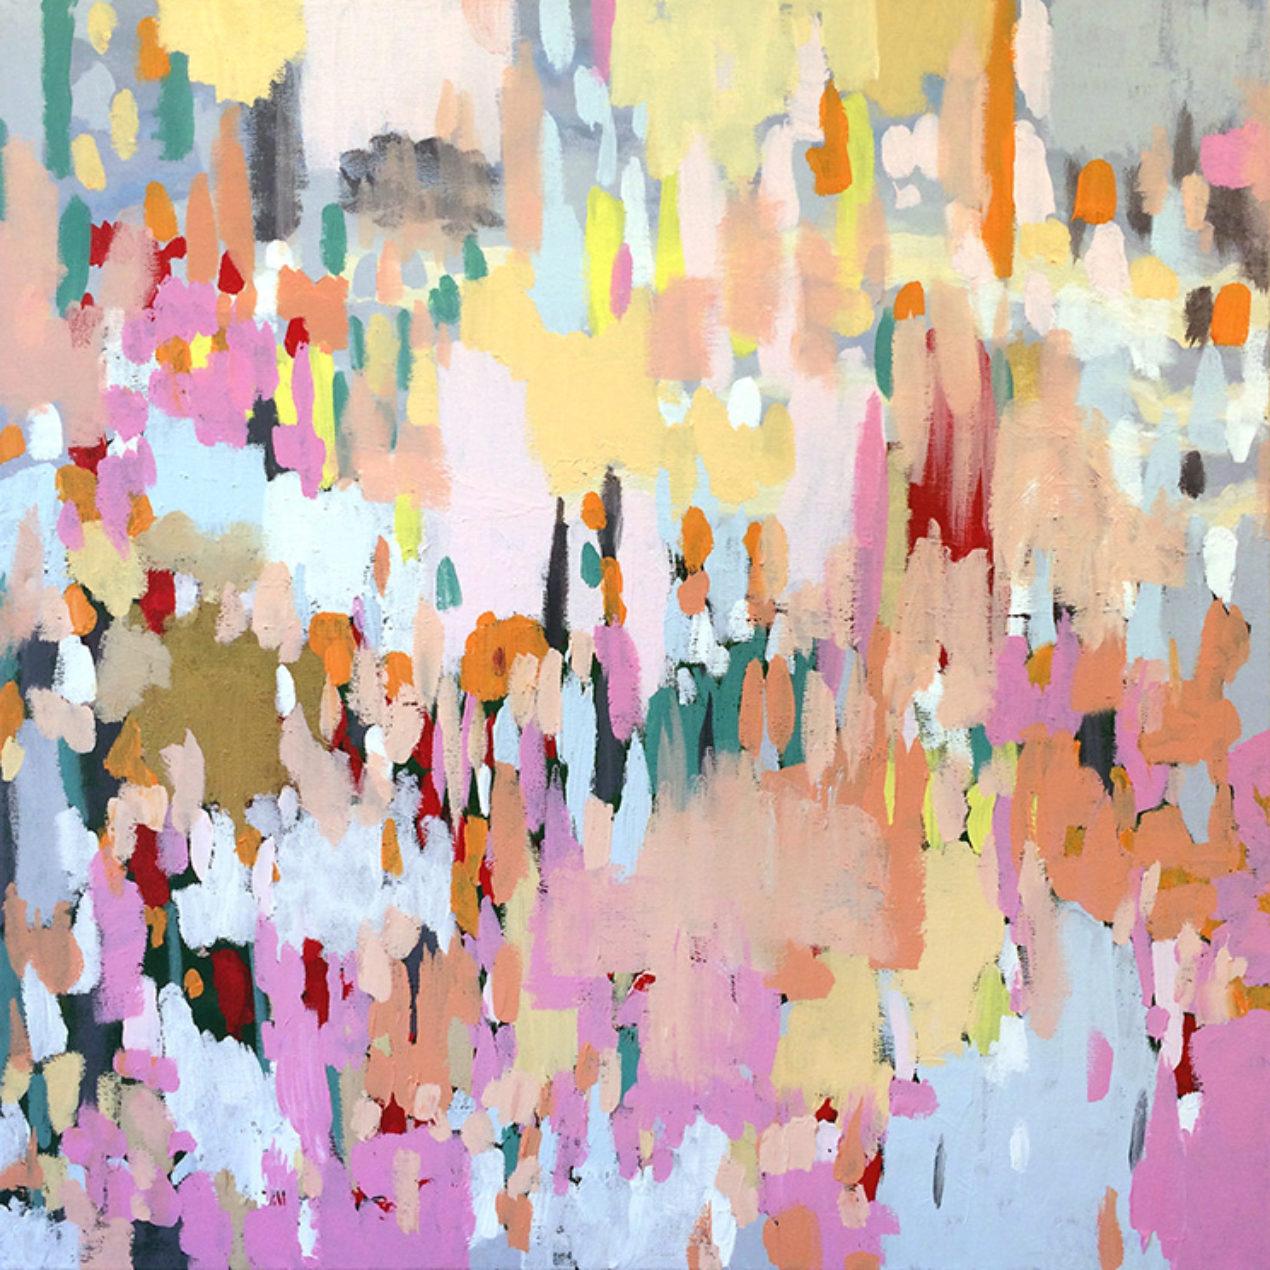 Darcy Briks, No. 7, 2012-15. Acrylic on canvas.